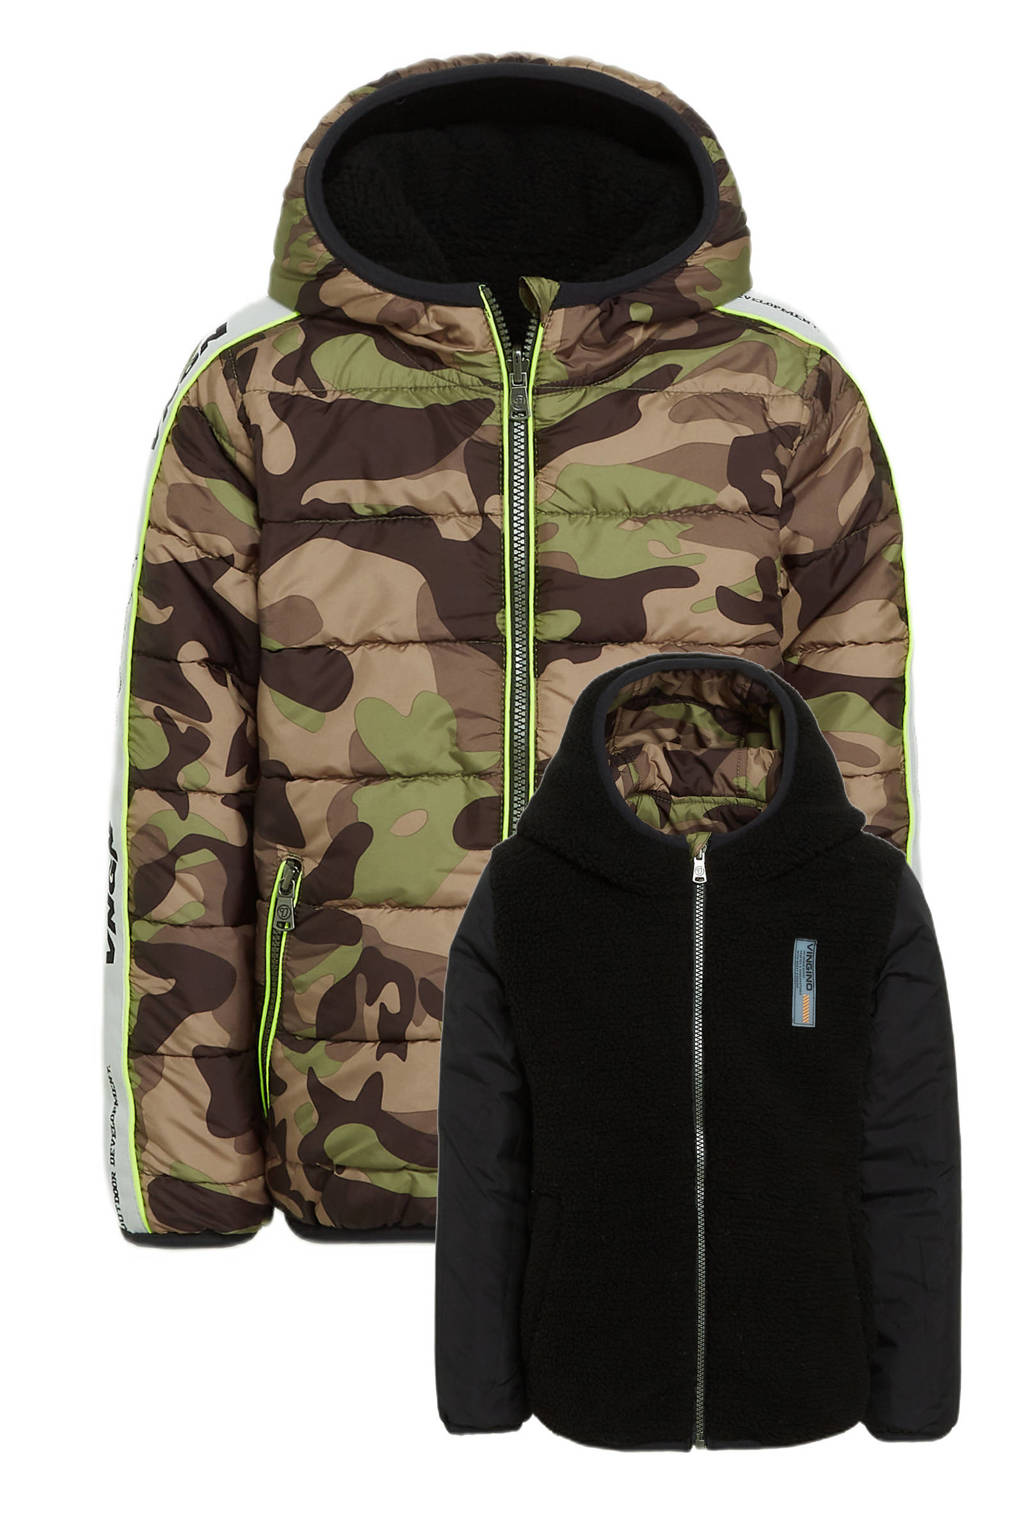 Vingino reversible gewatteerde jas Teson met camouflageprint 239 ultra army, 239 Ultra Army